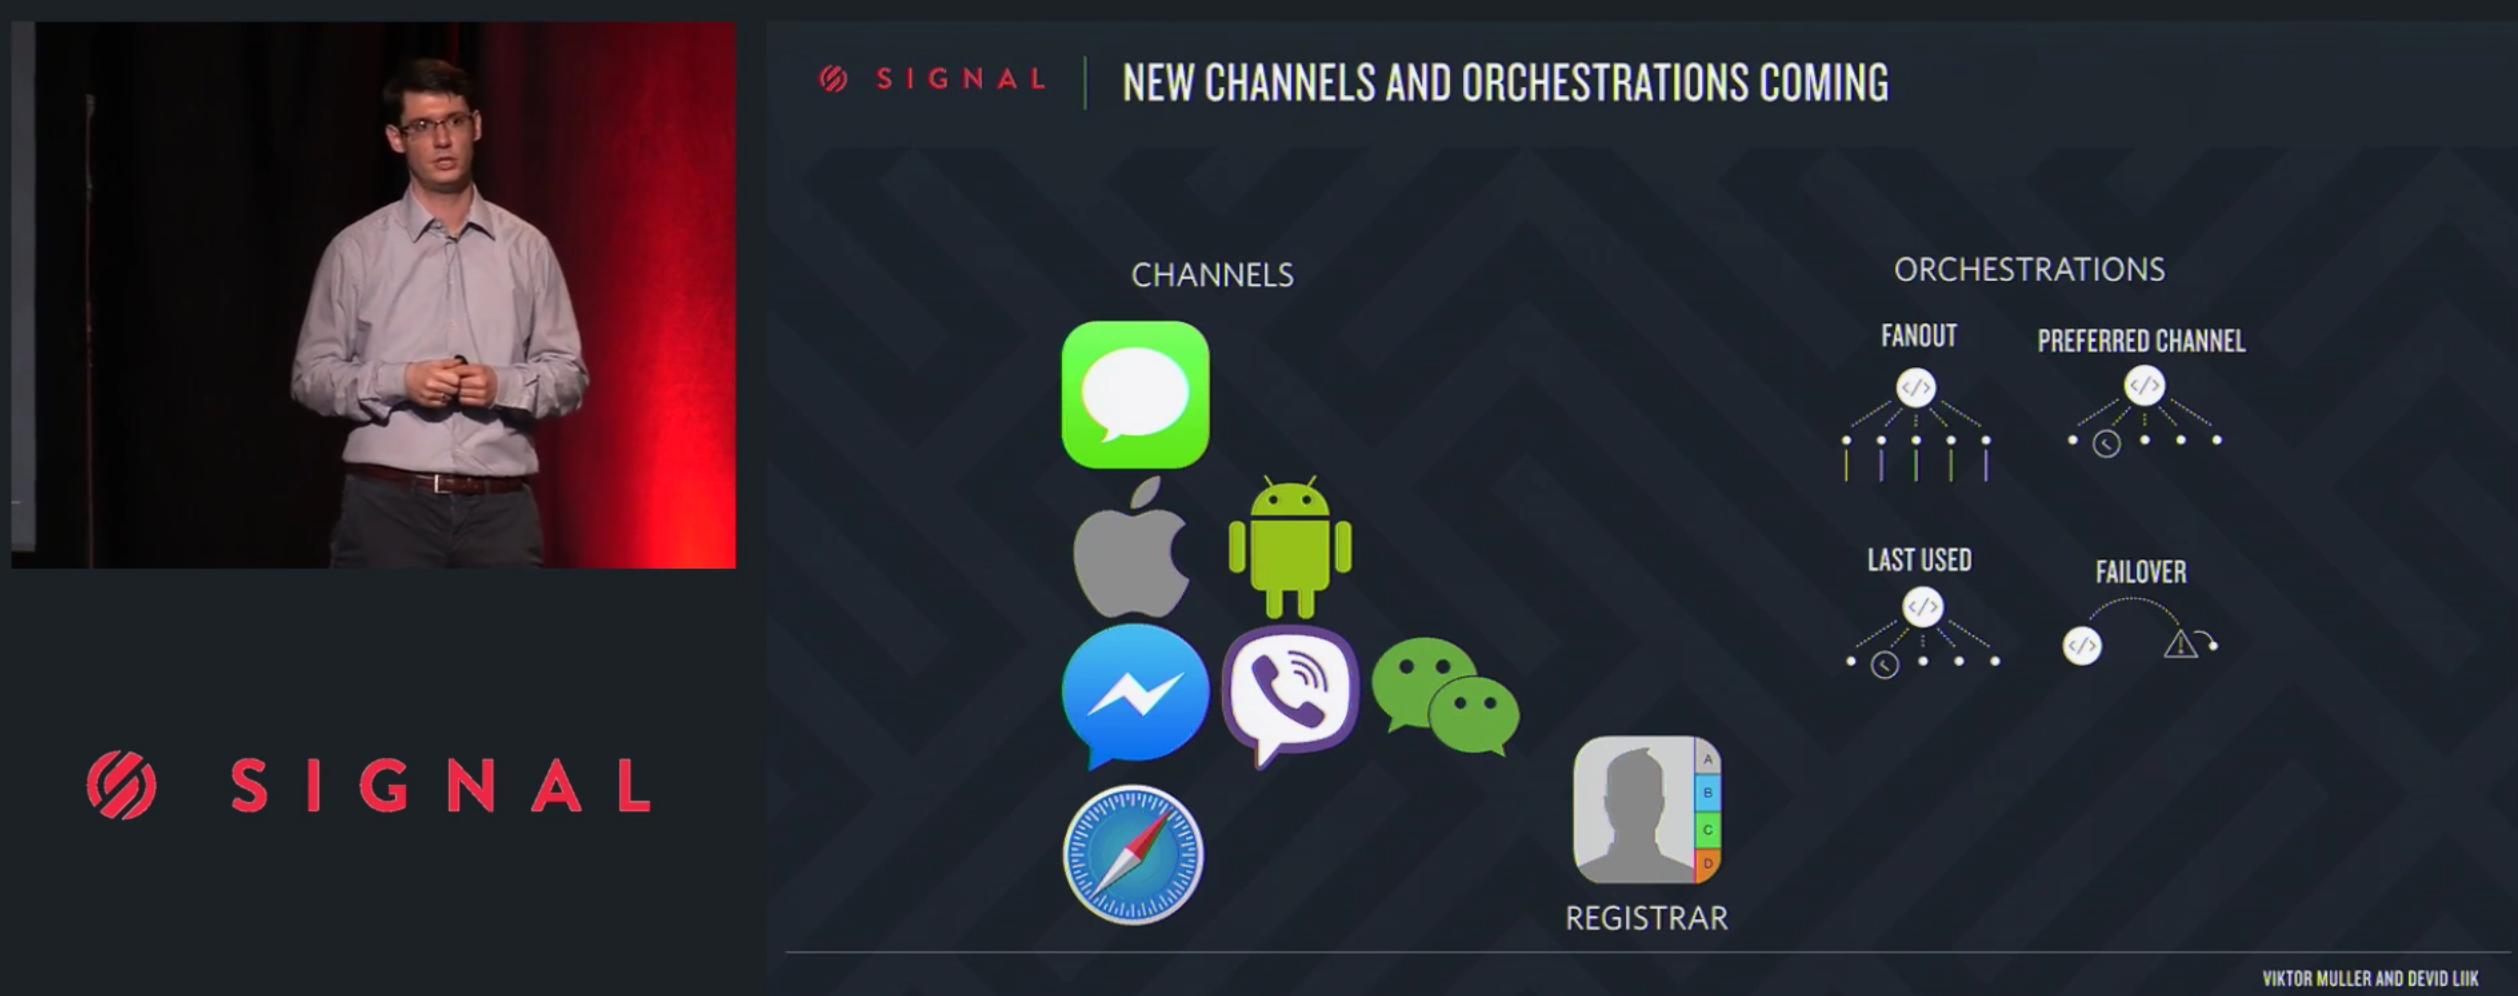 A Twilio Notify termék bemutató a Signal 2016 konferencián